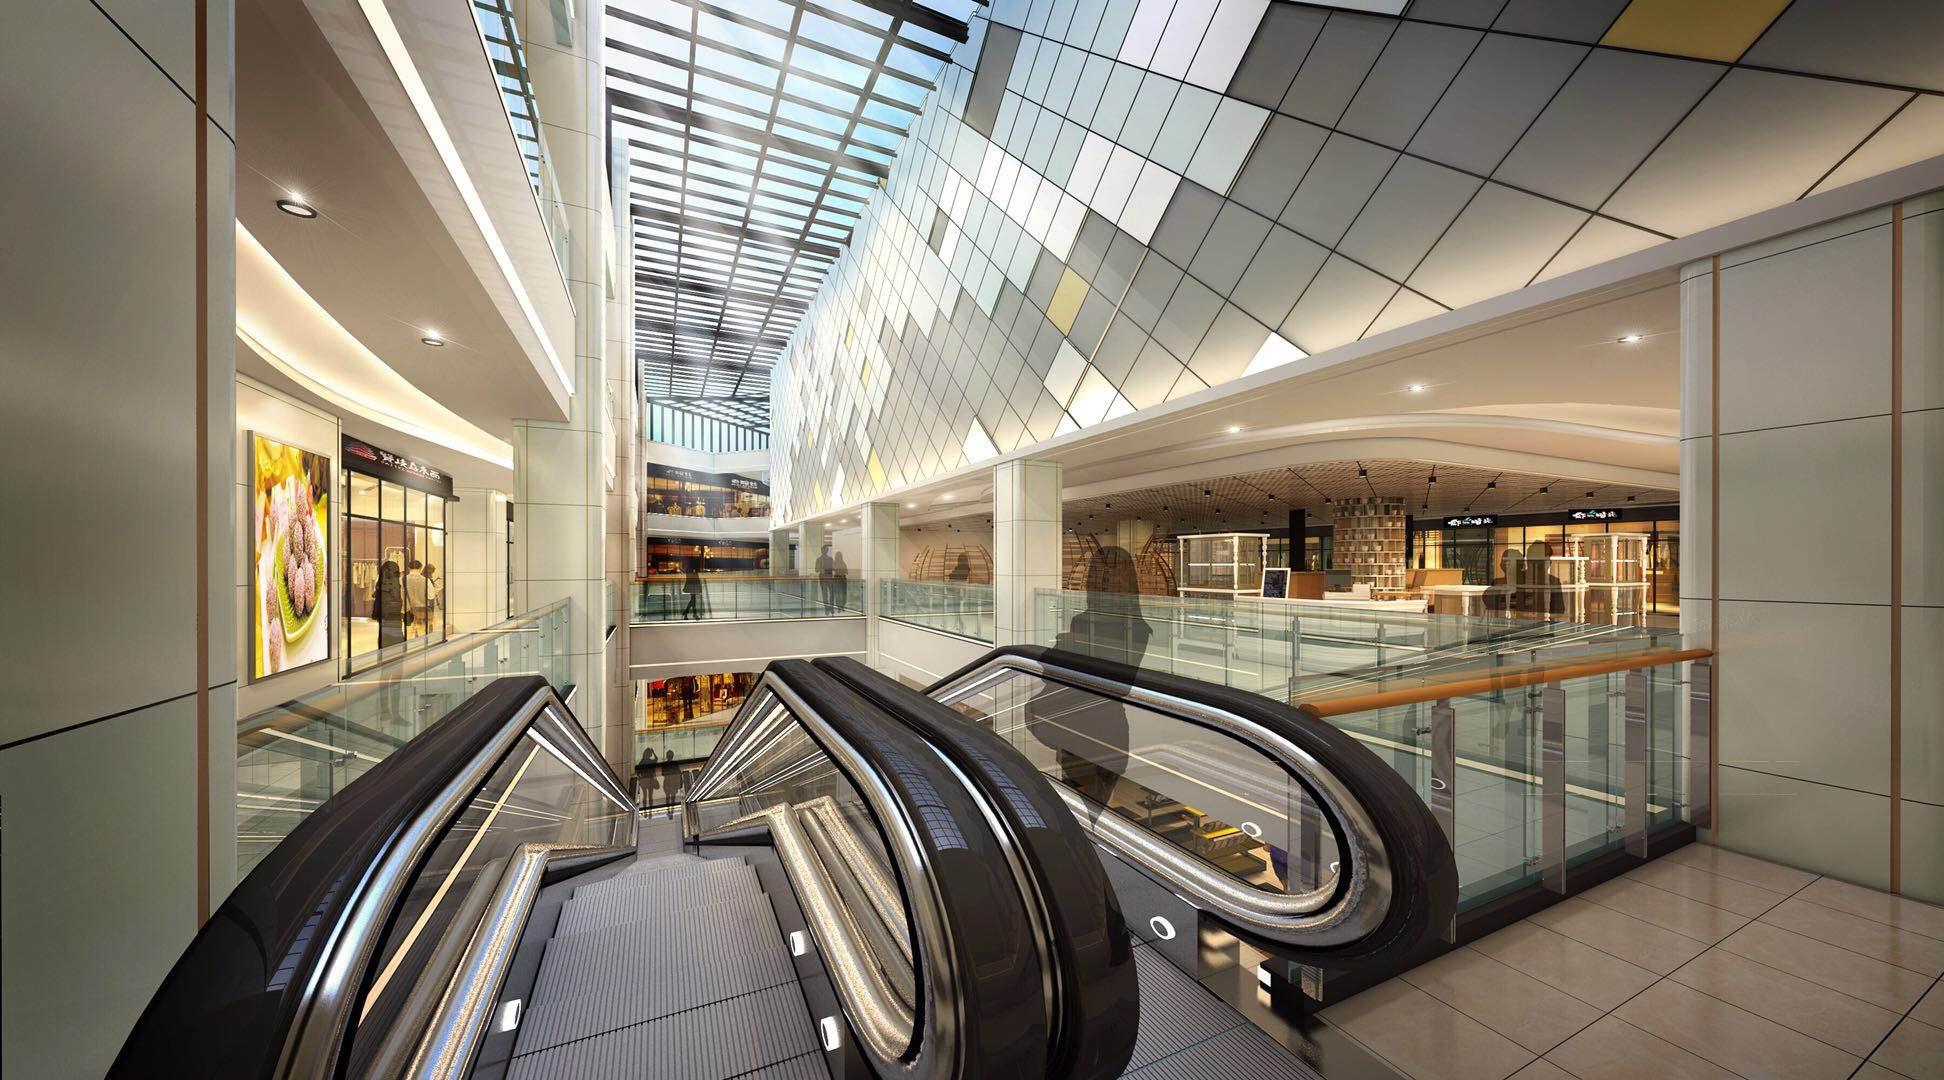 成都洲际亚洲湾购物中心